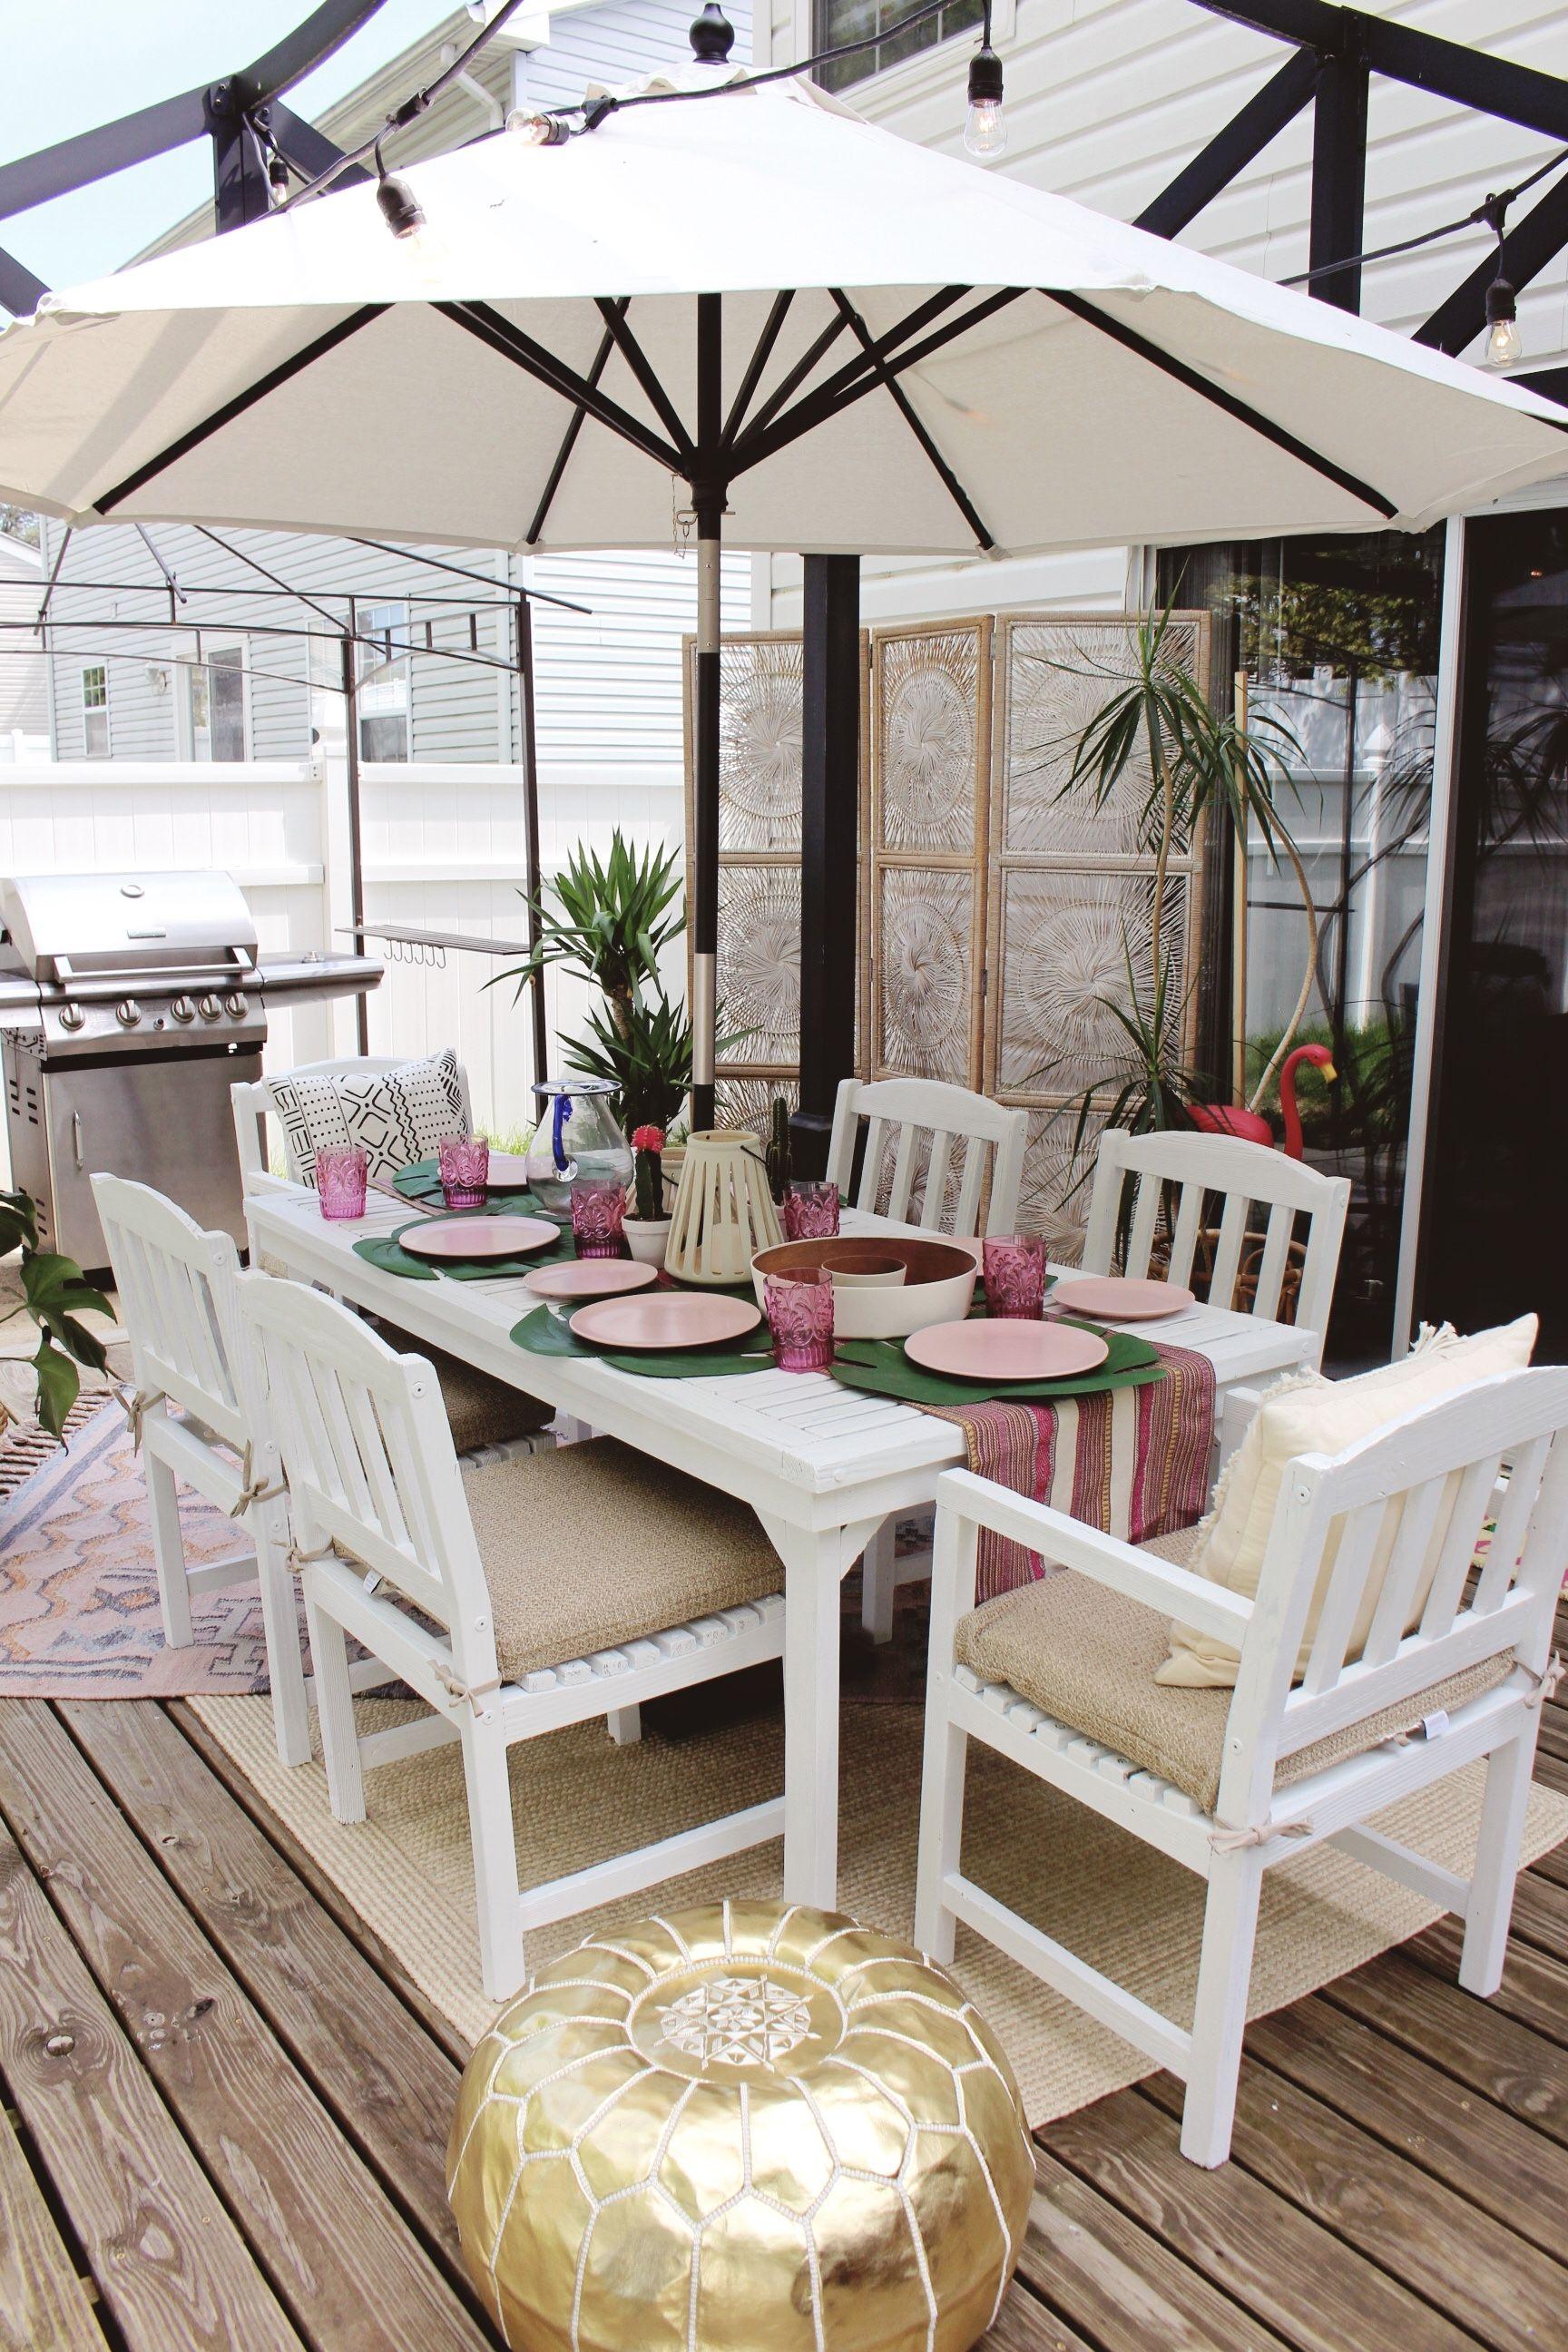 Boho Backyard Paradise Via Goldalamode For Cost Plus World Market Outdoor Entertaining Decor Outdoor Patio Furniture Outdoor Furniture